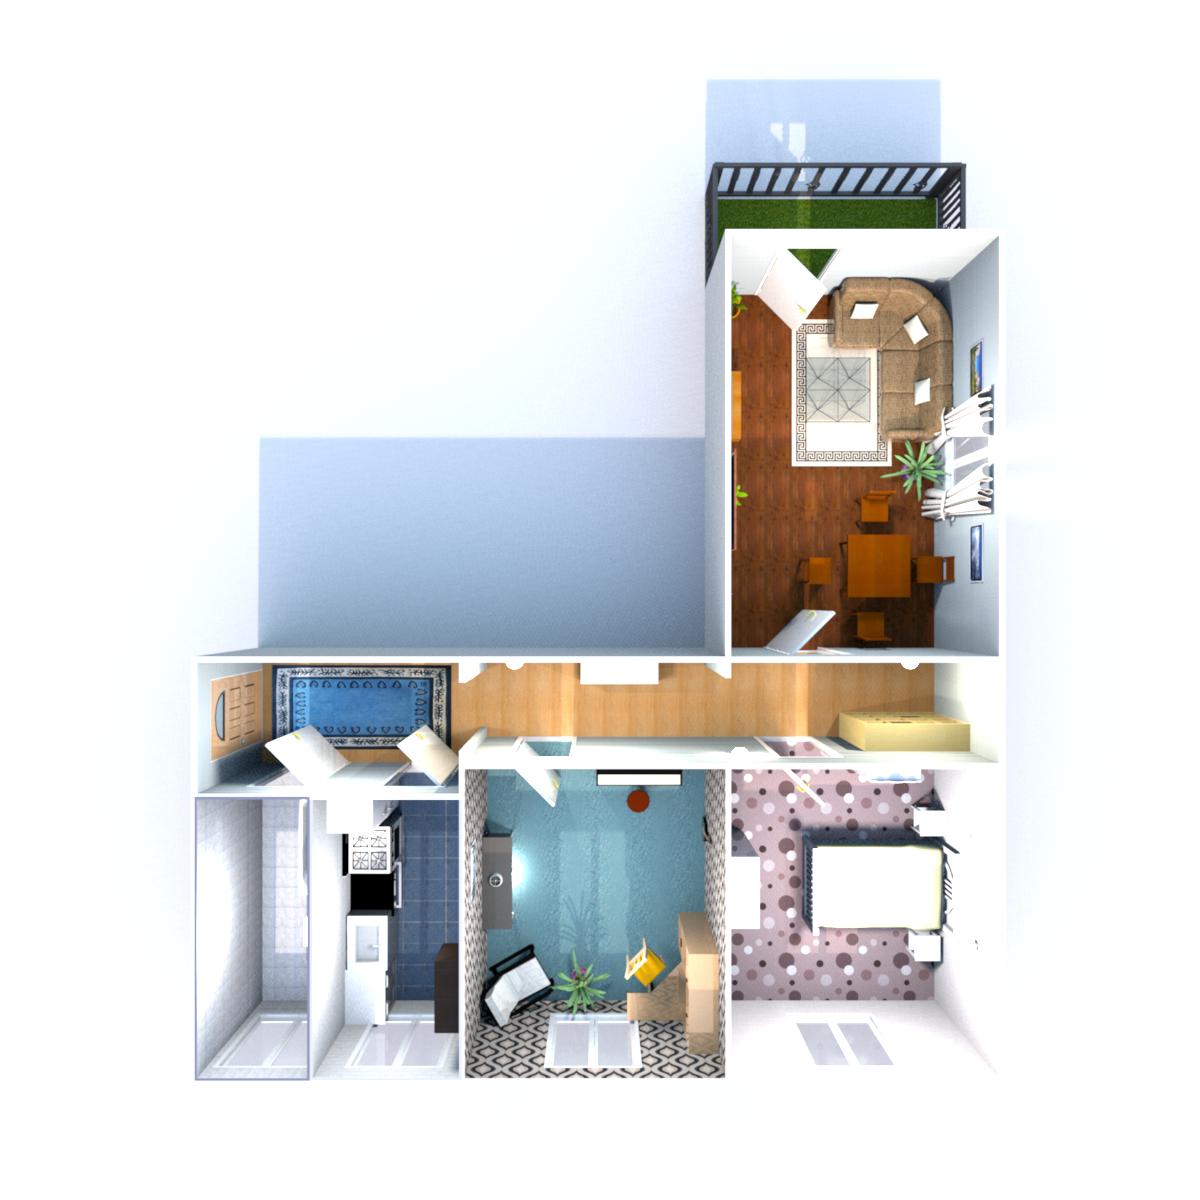 Wohnfläche 74,85 qm